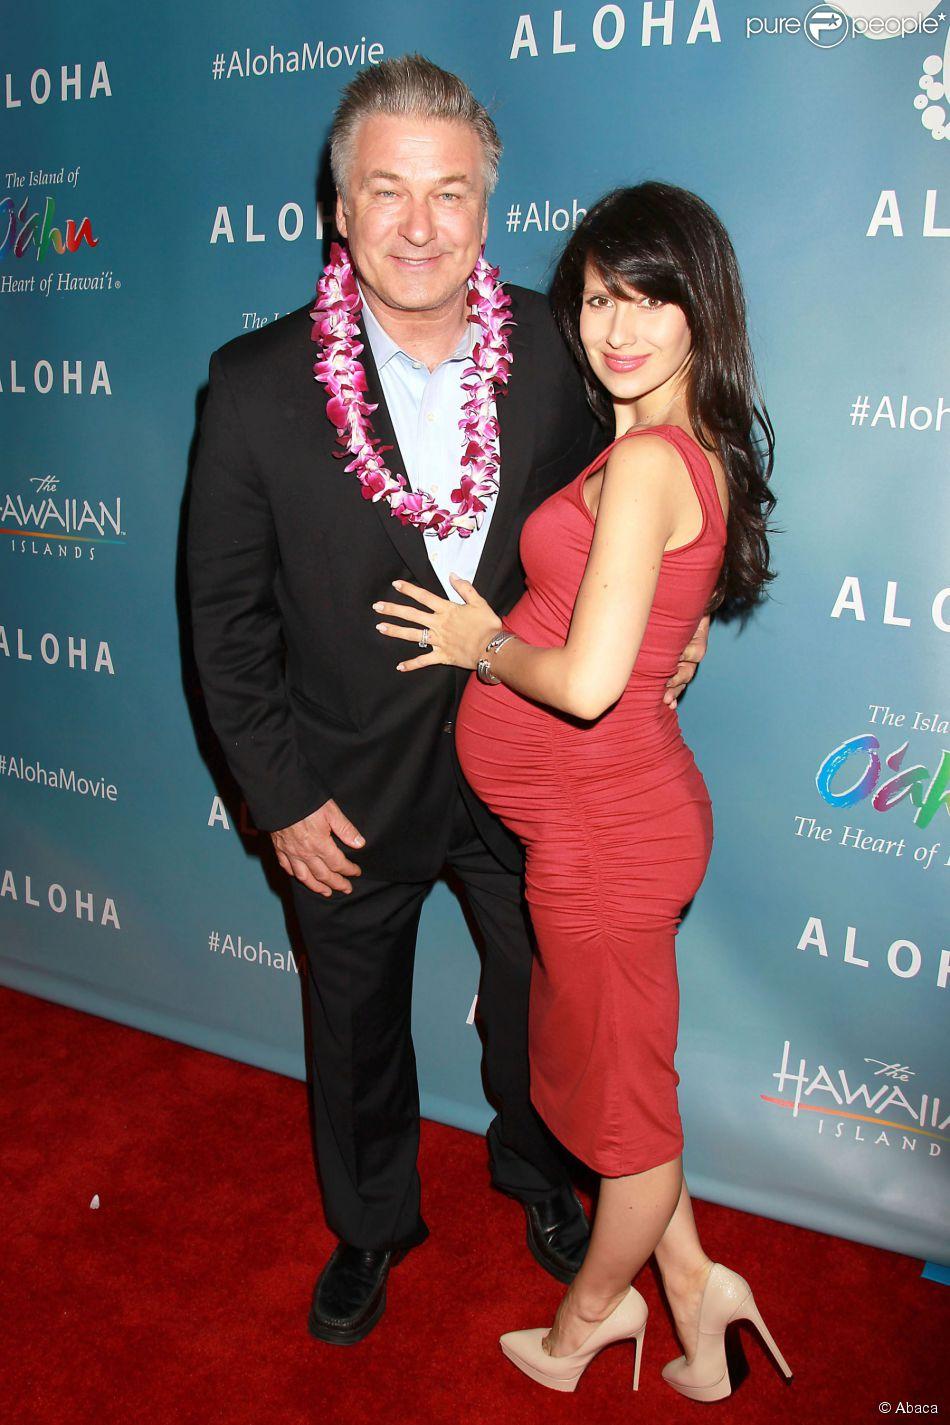 Alec Baldwin et Hilaria Baldwin lors d'une projection spéciale du film Aloha présentée par la Columbia Pictures et la Regency Enterprises en association avec LSTAR Capital and Ratpac Entertainment à New York, le 20 mai 2015